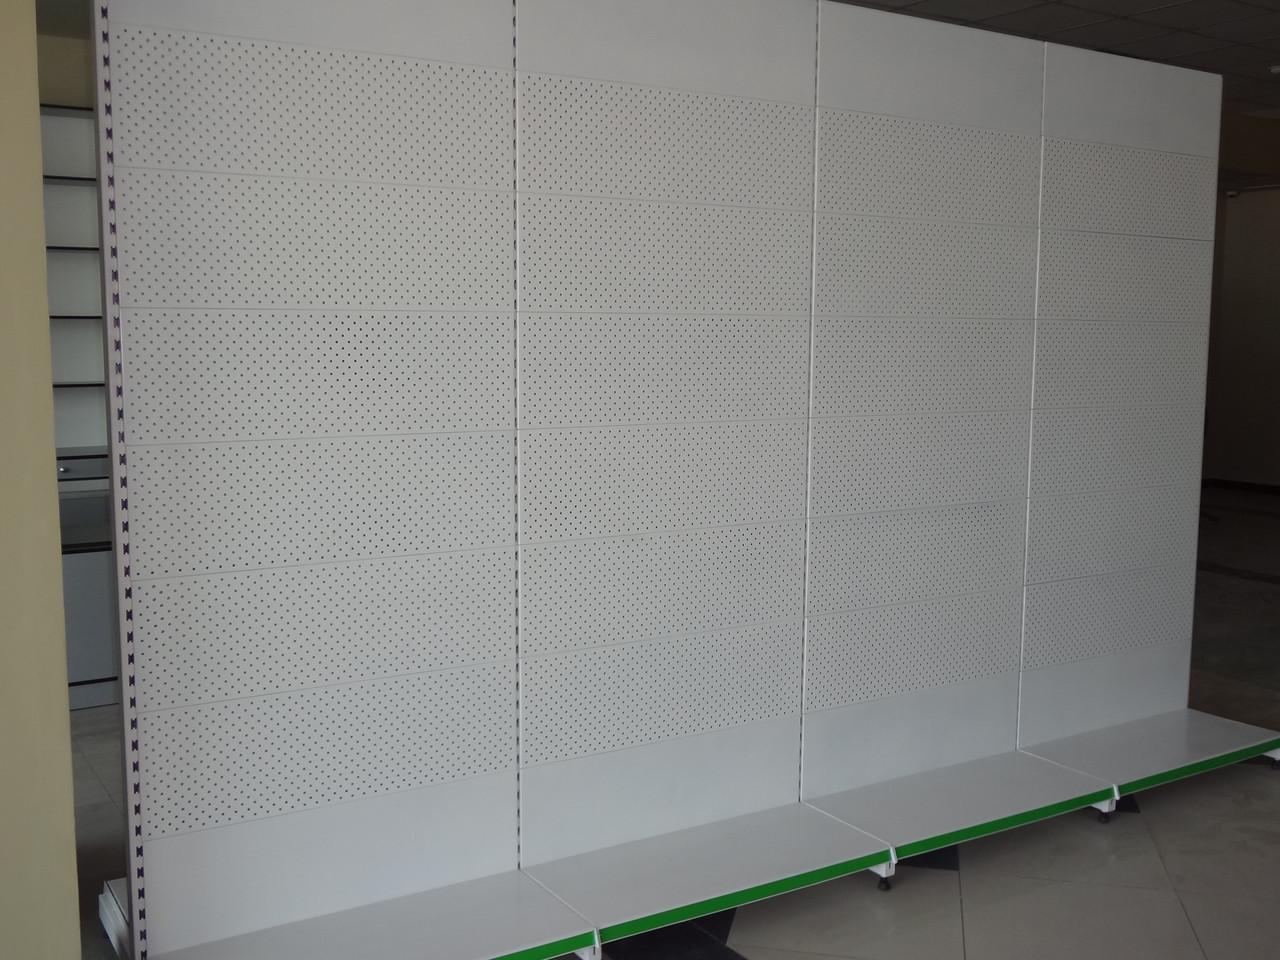 Стеллаж металлический с перфорацией для крючков 2200х1000х500